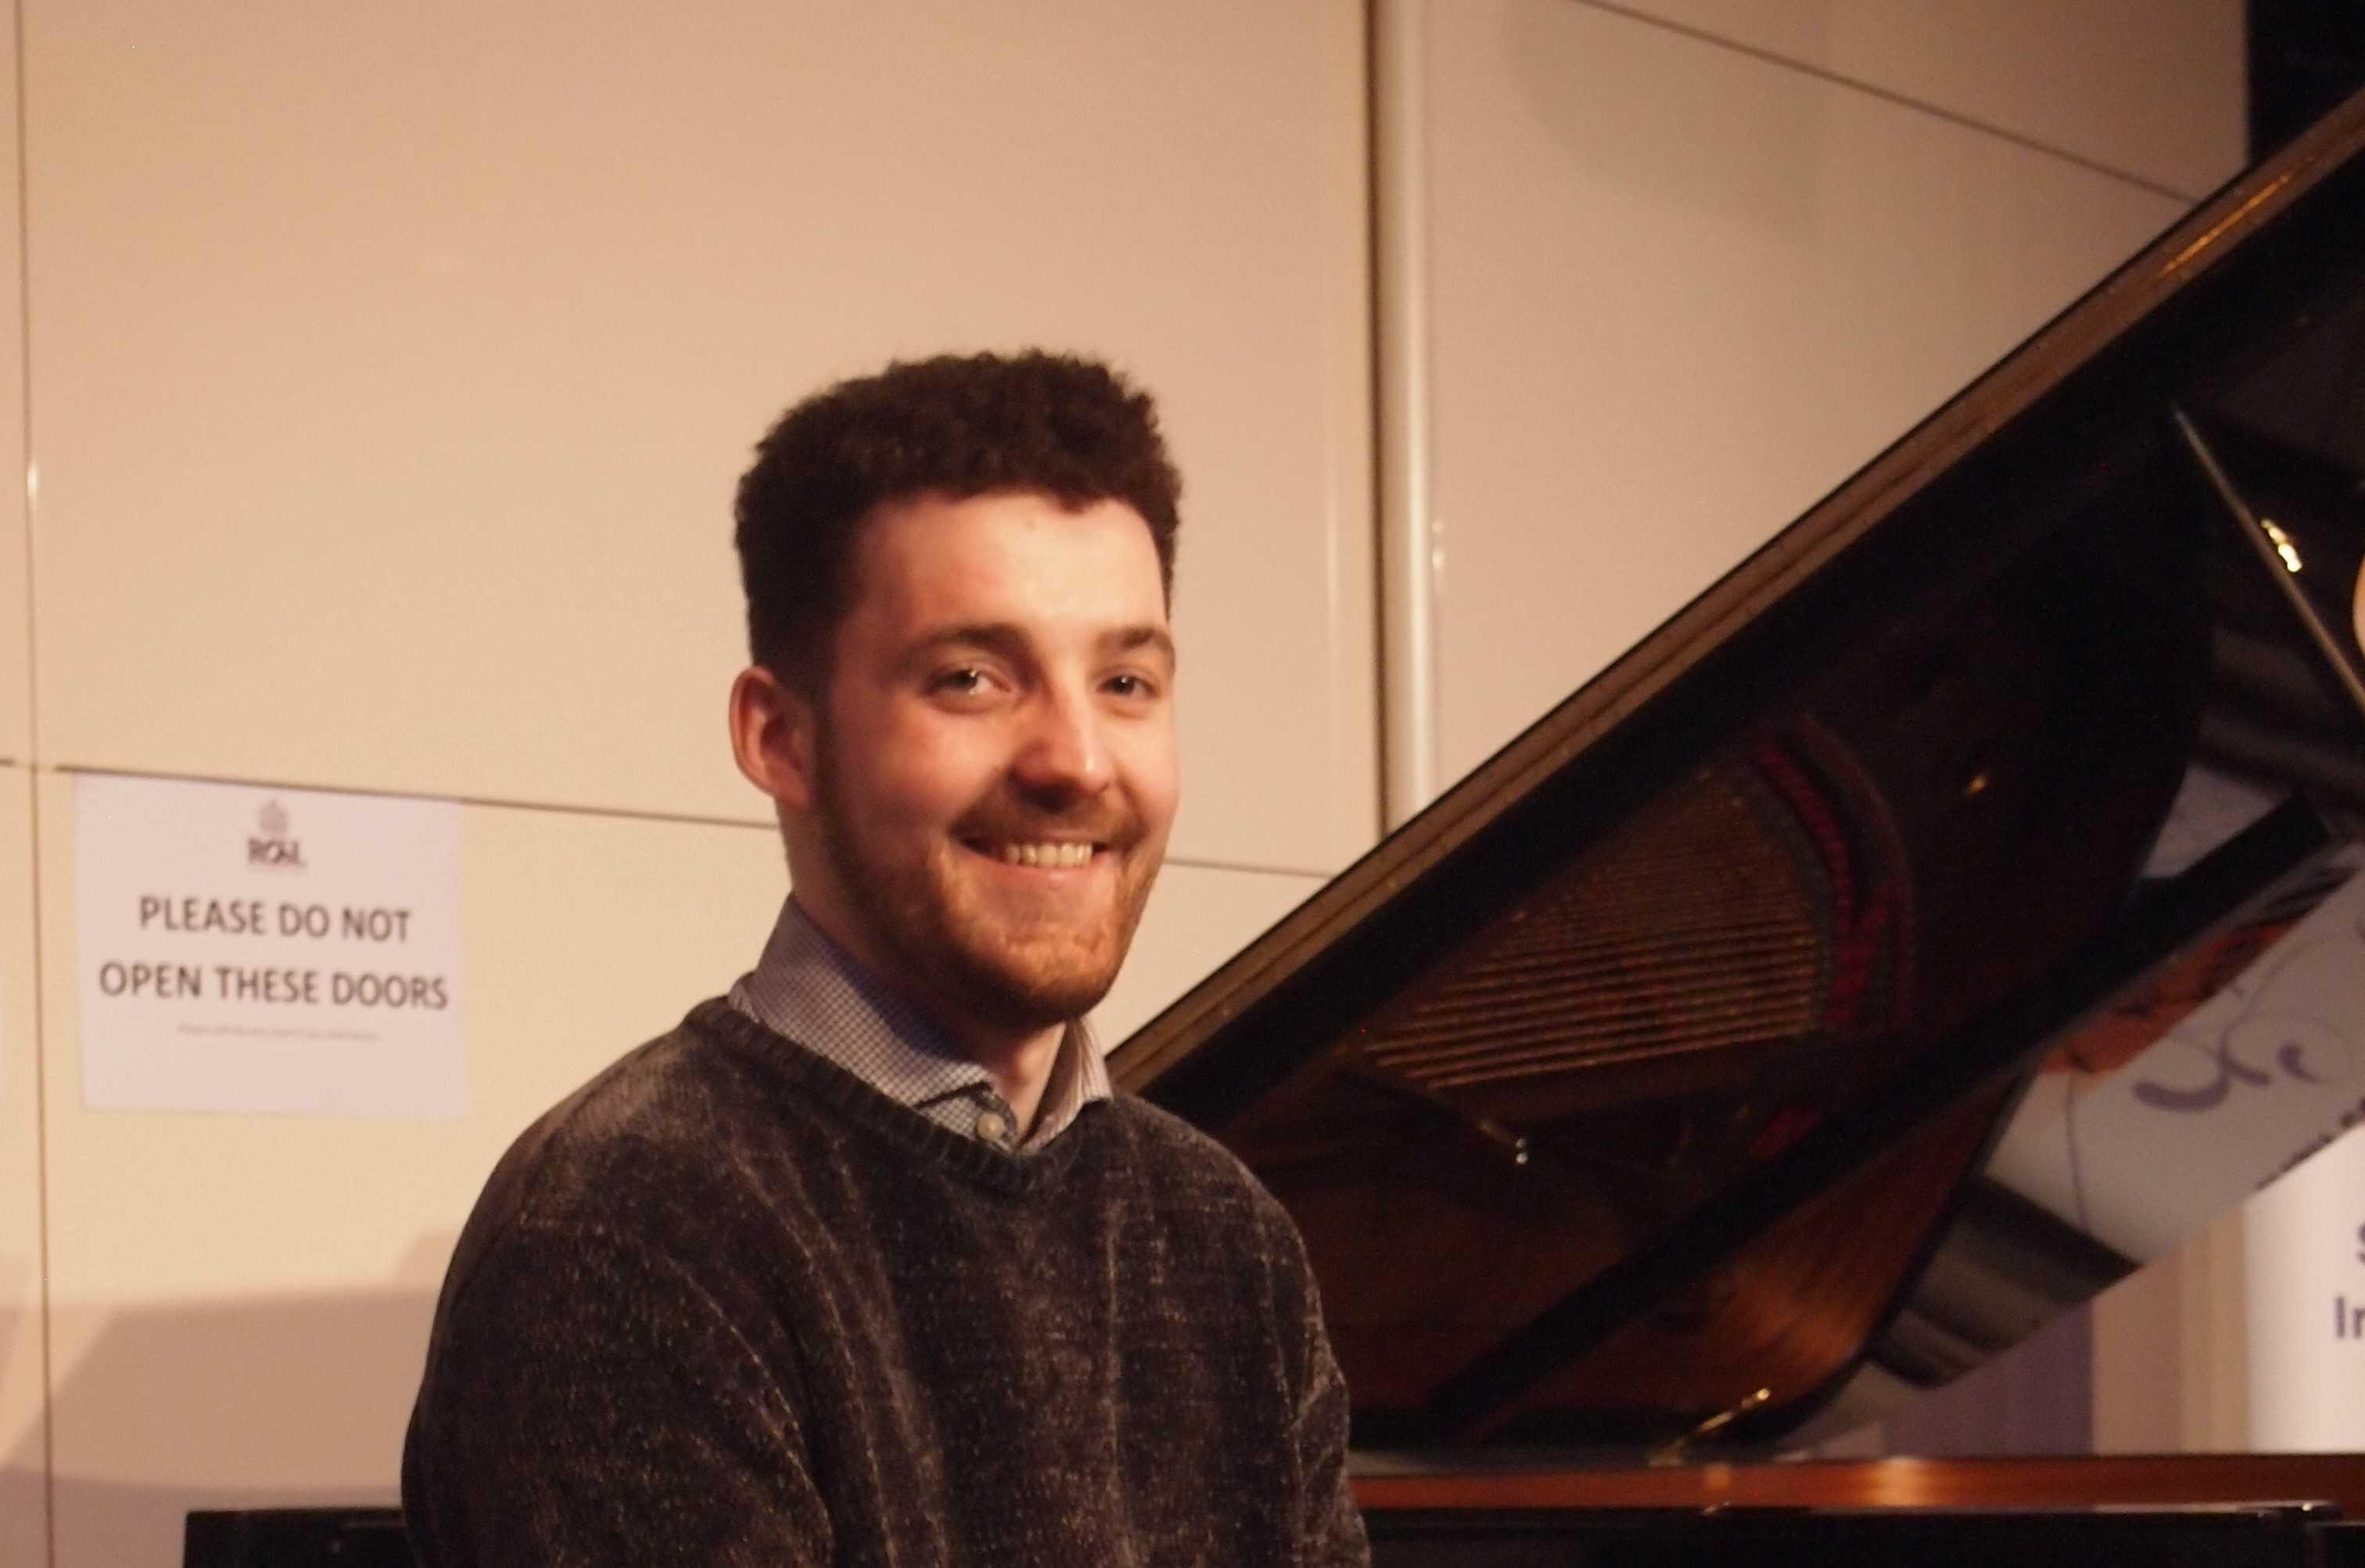 Aran O'Grady - Composer